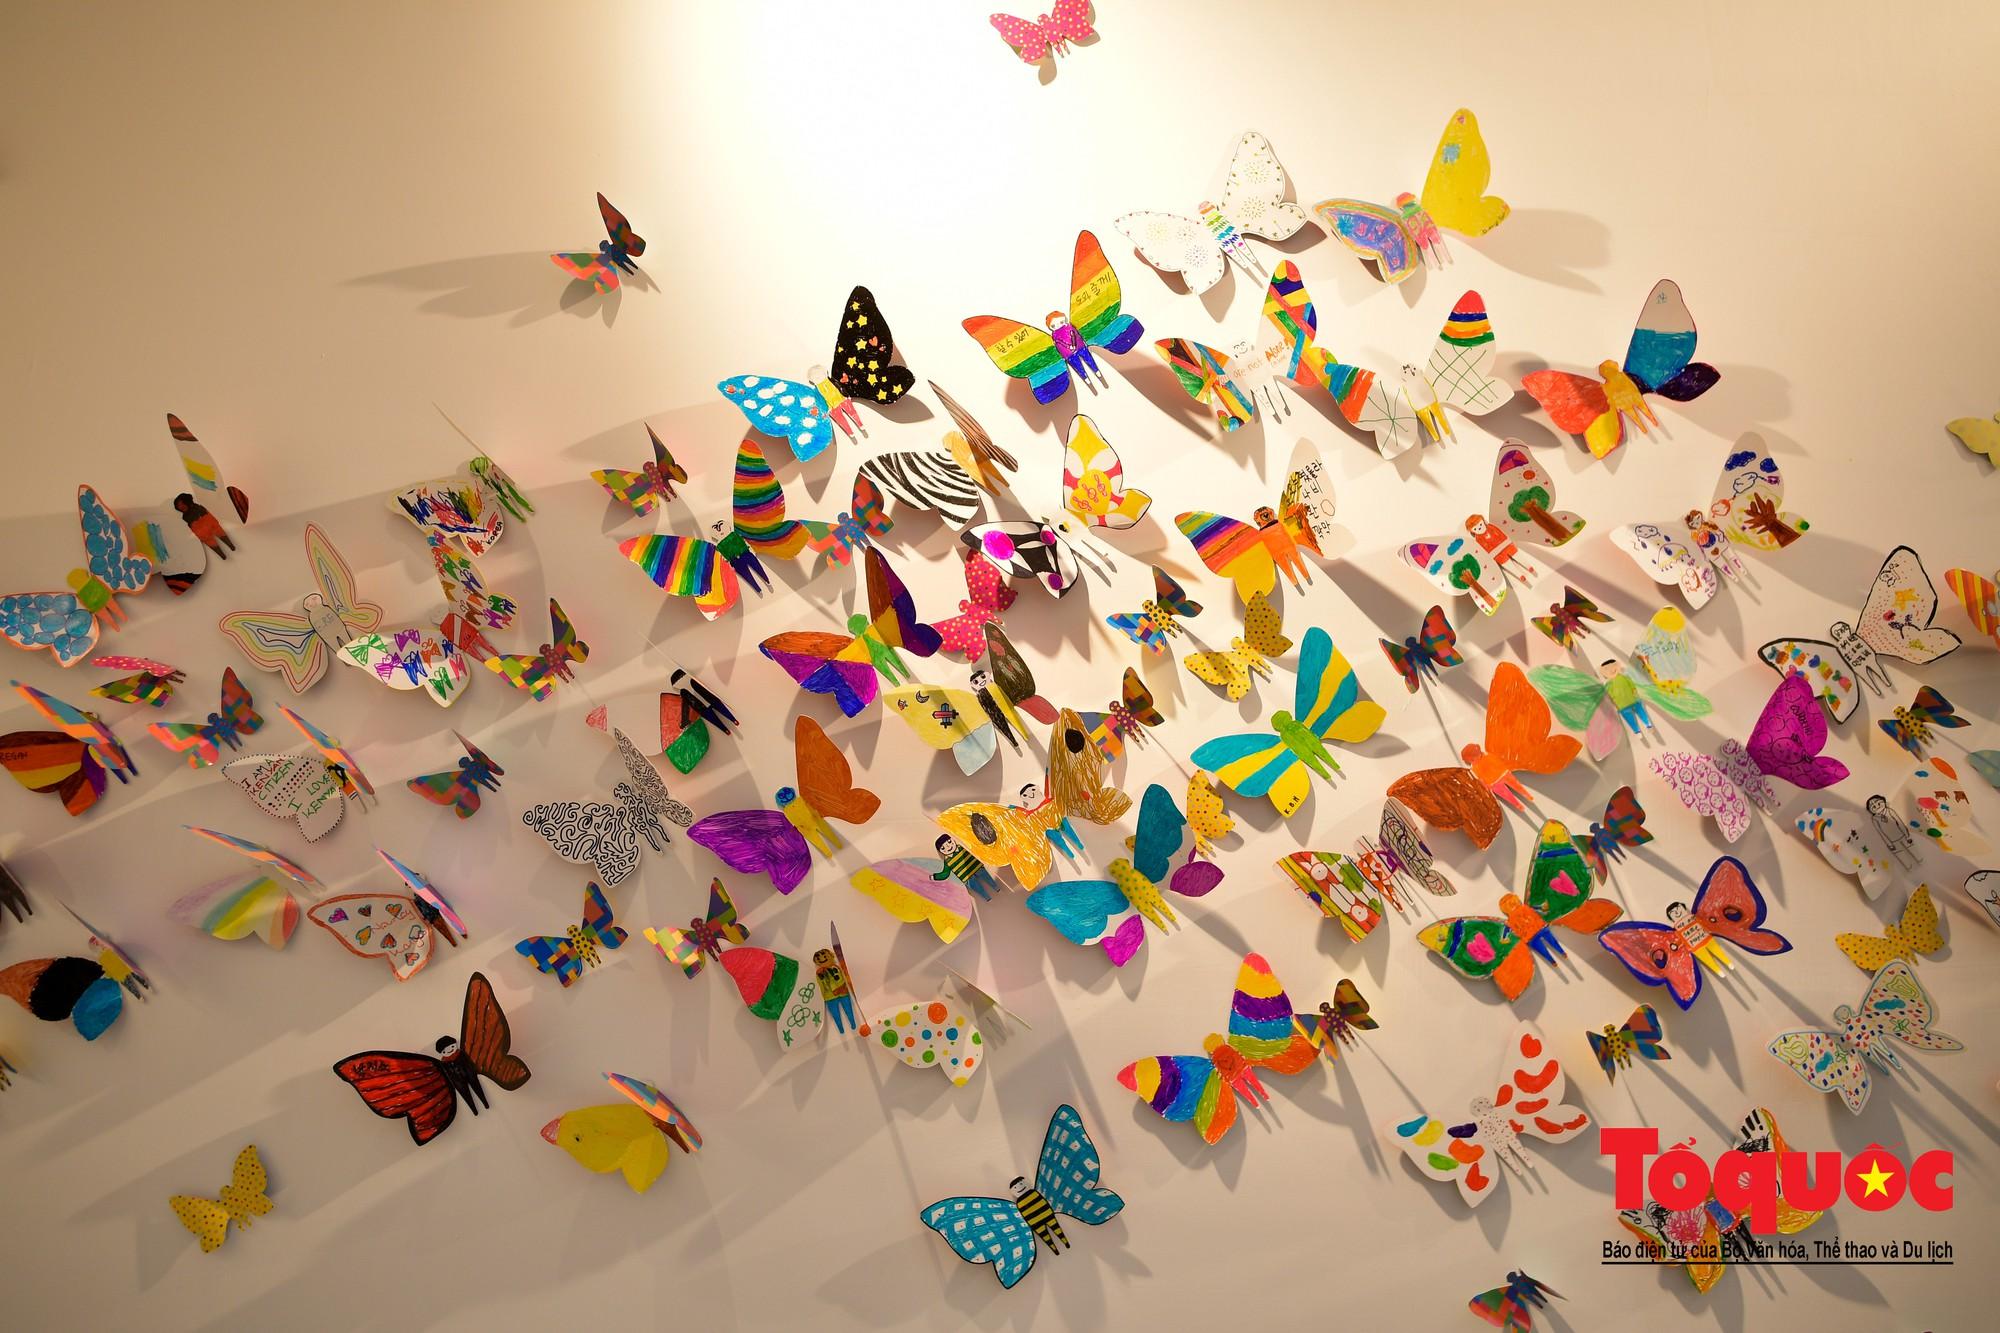 Hàng ngàn cánh bướm mang thông điệp hoà bình giữa lòng Hà Nội11